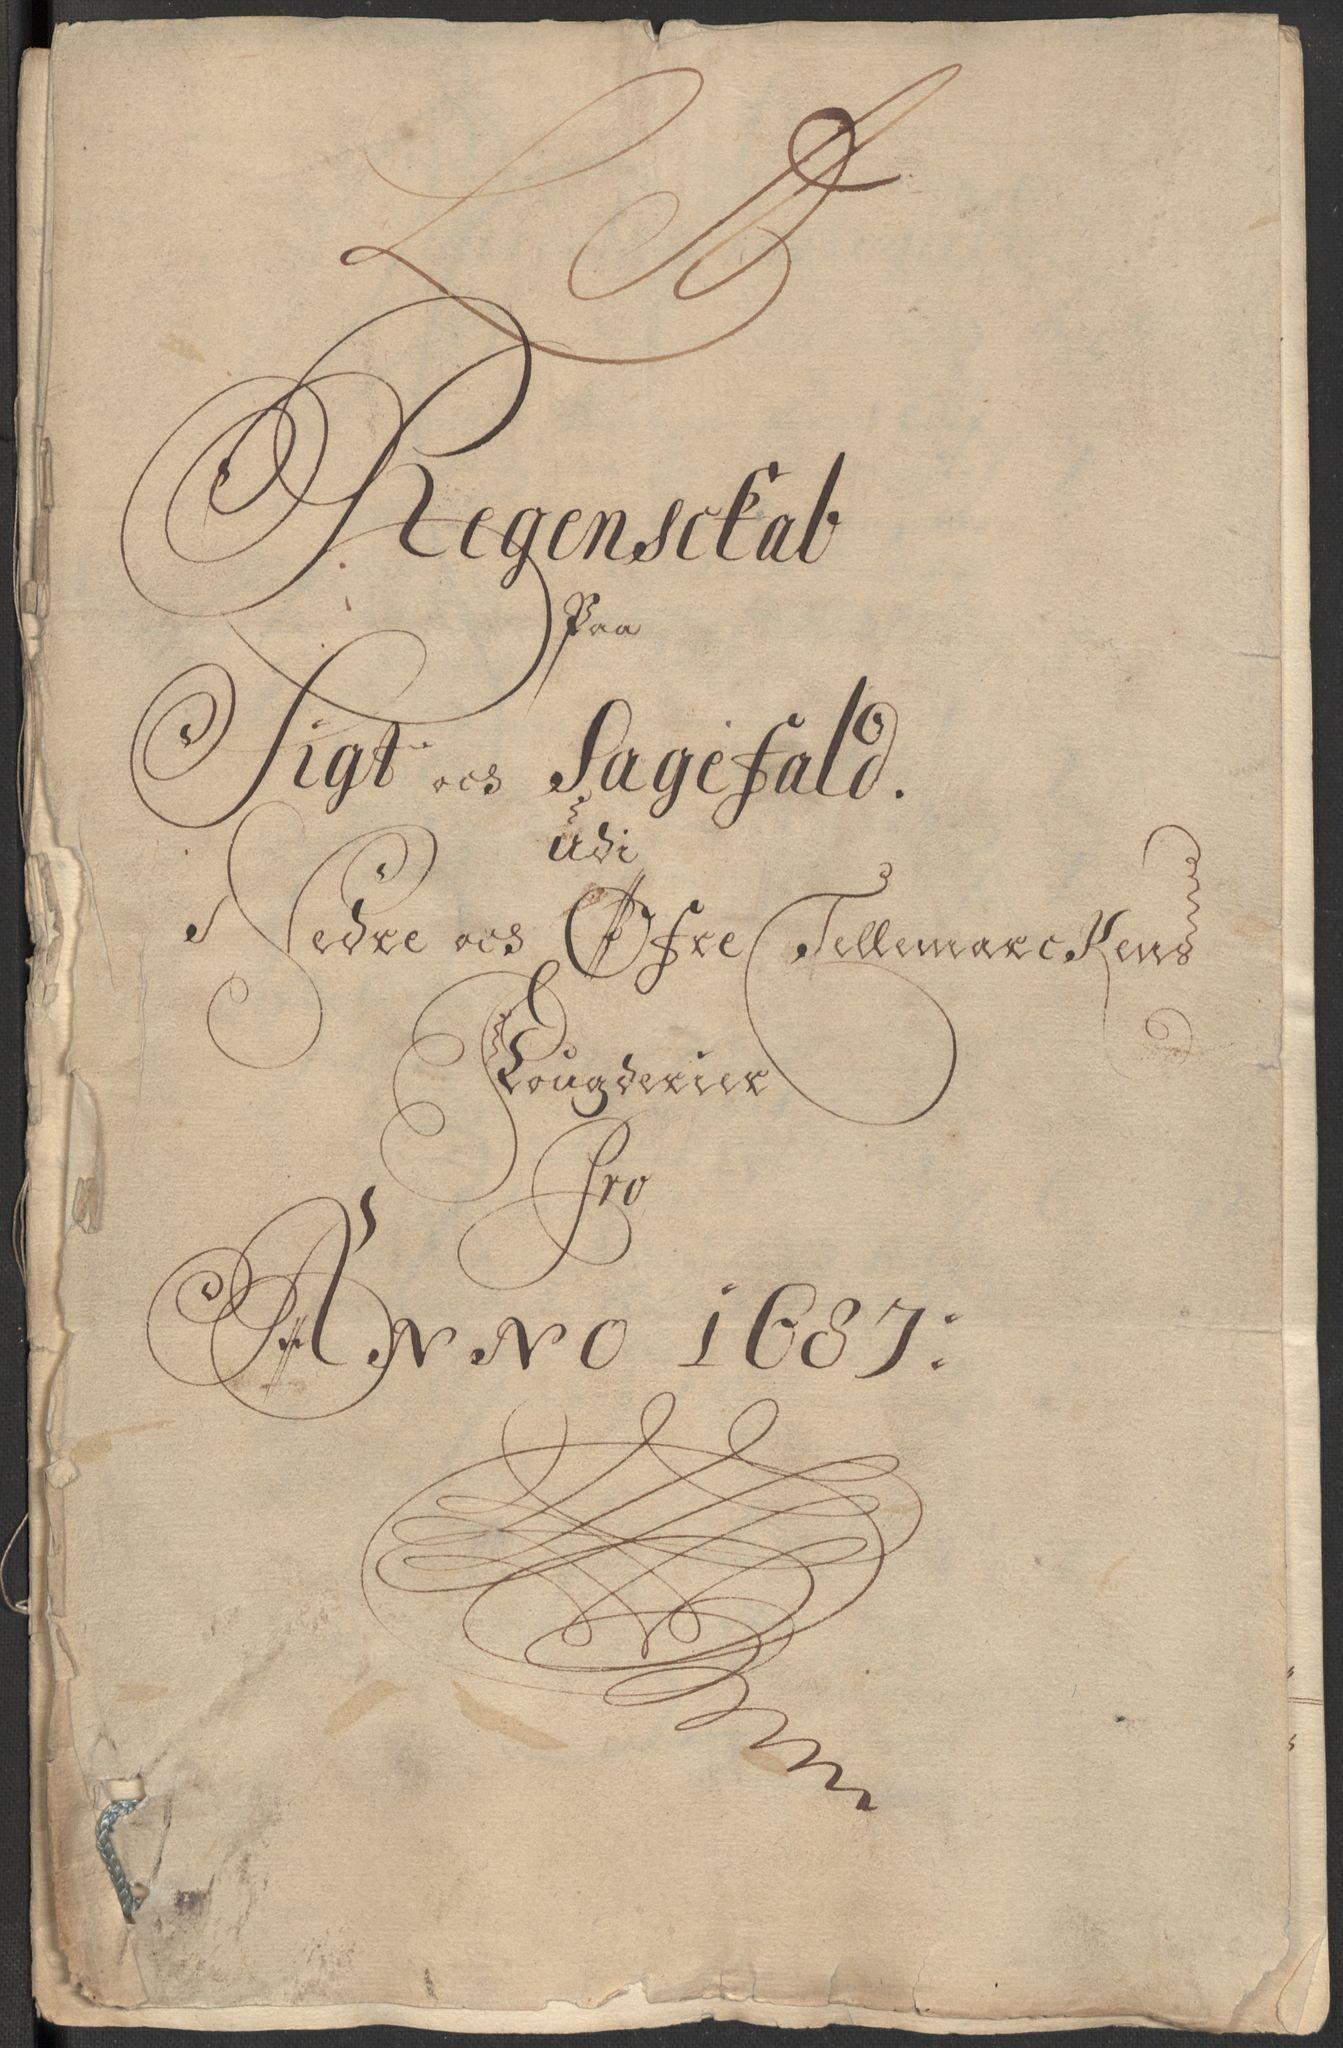 RA, Rentekammeret inntil 1814, Reviderte regnskaper, Fogderegnskap, R35/L2086: Fogderegnskap Øvre og Nedre Telemark, 1687-1689, s. 29